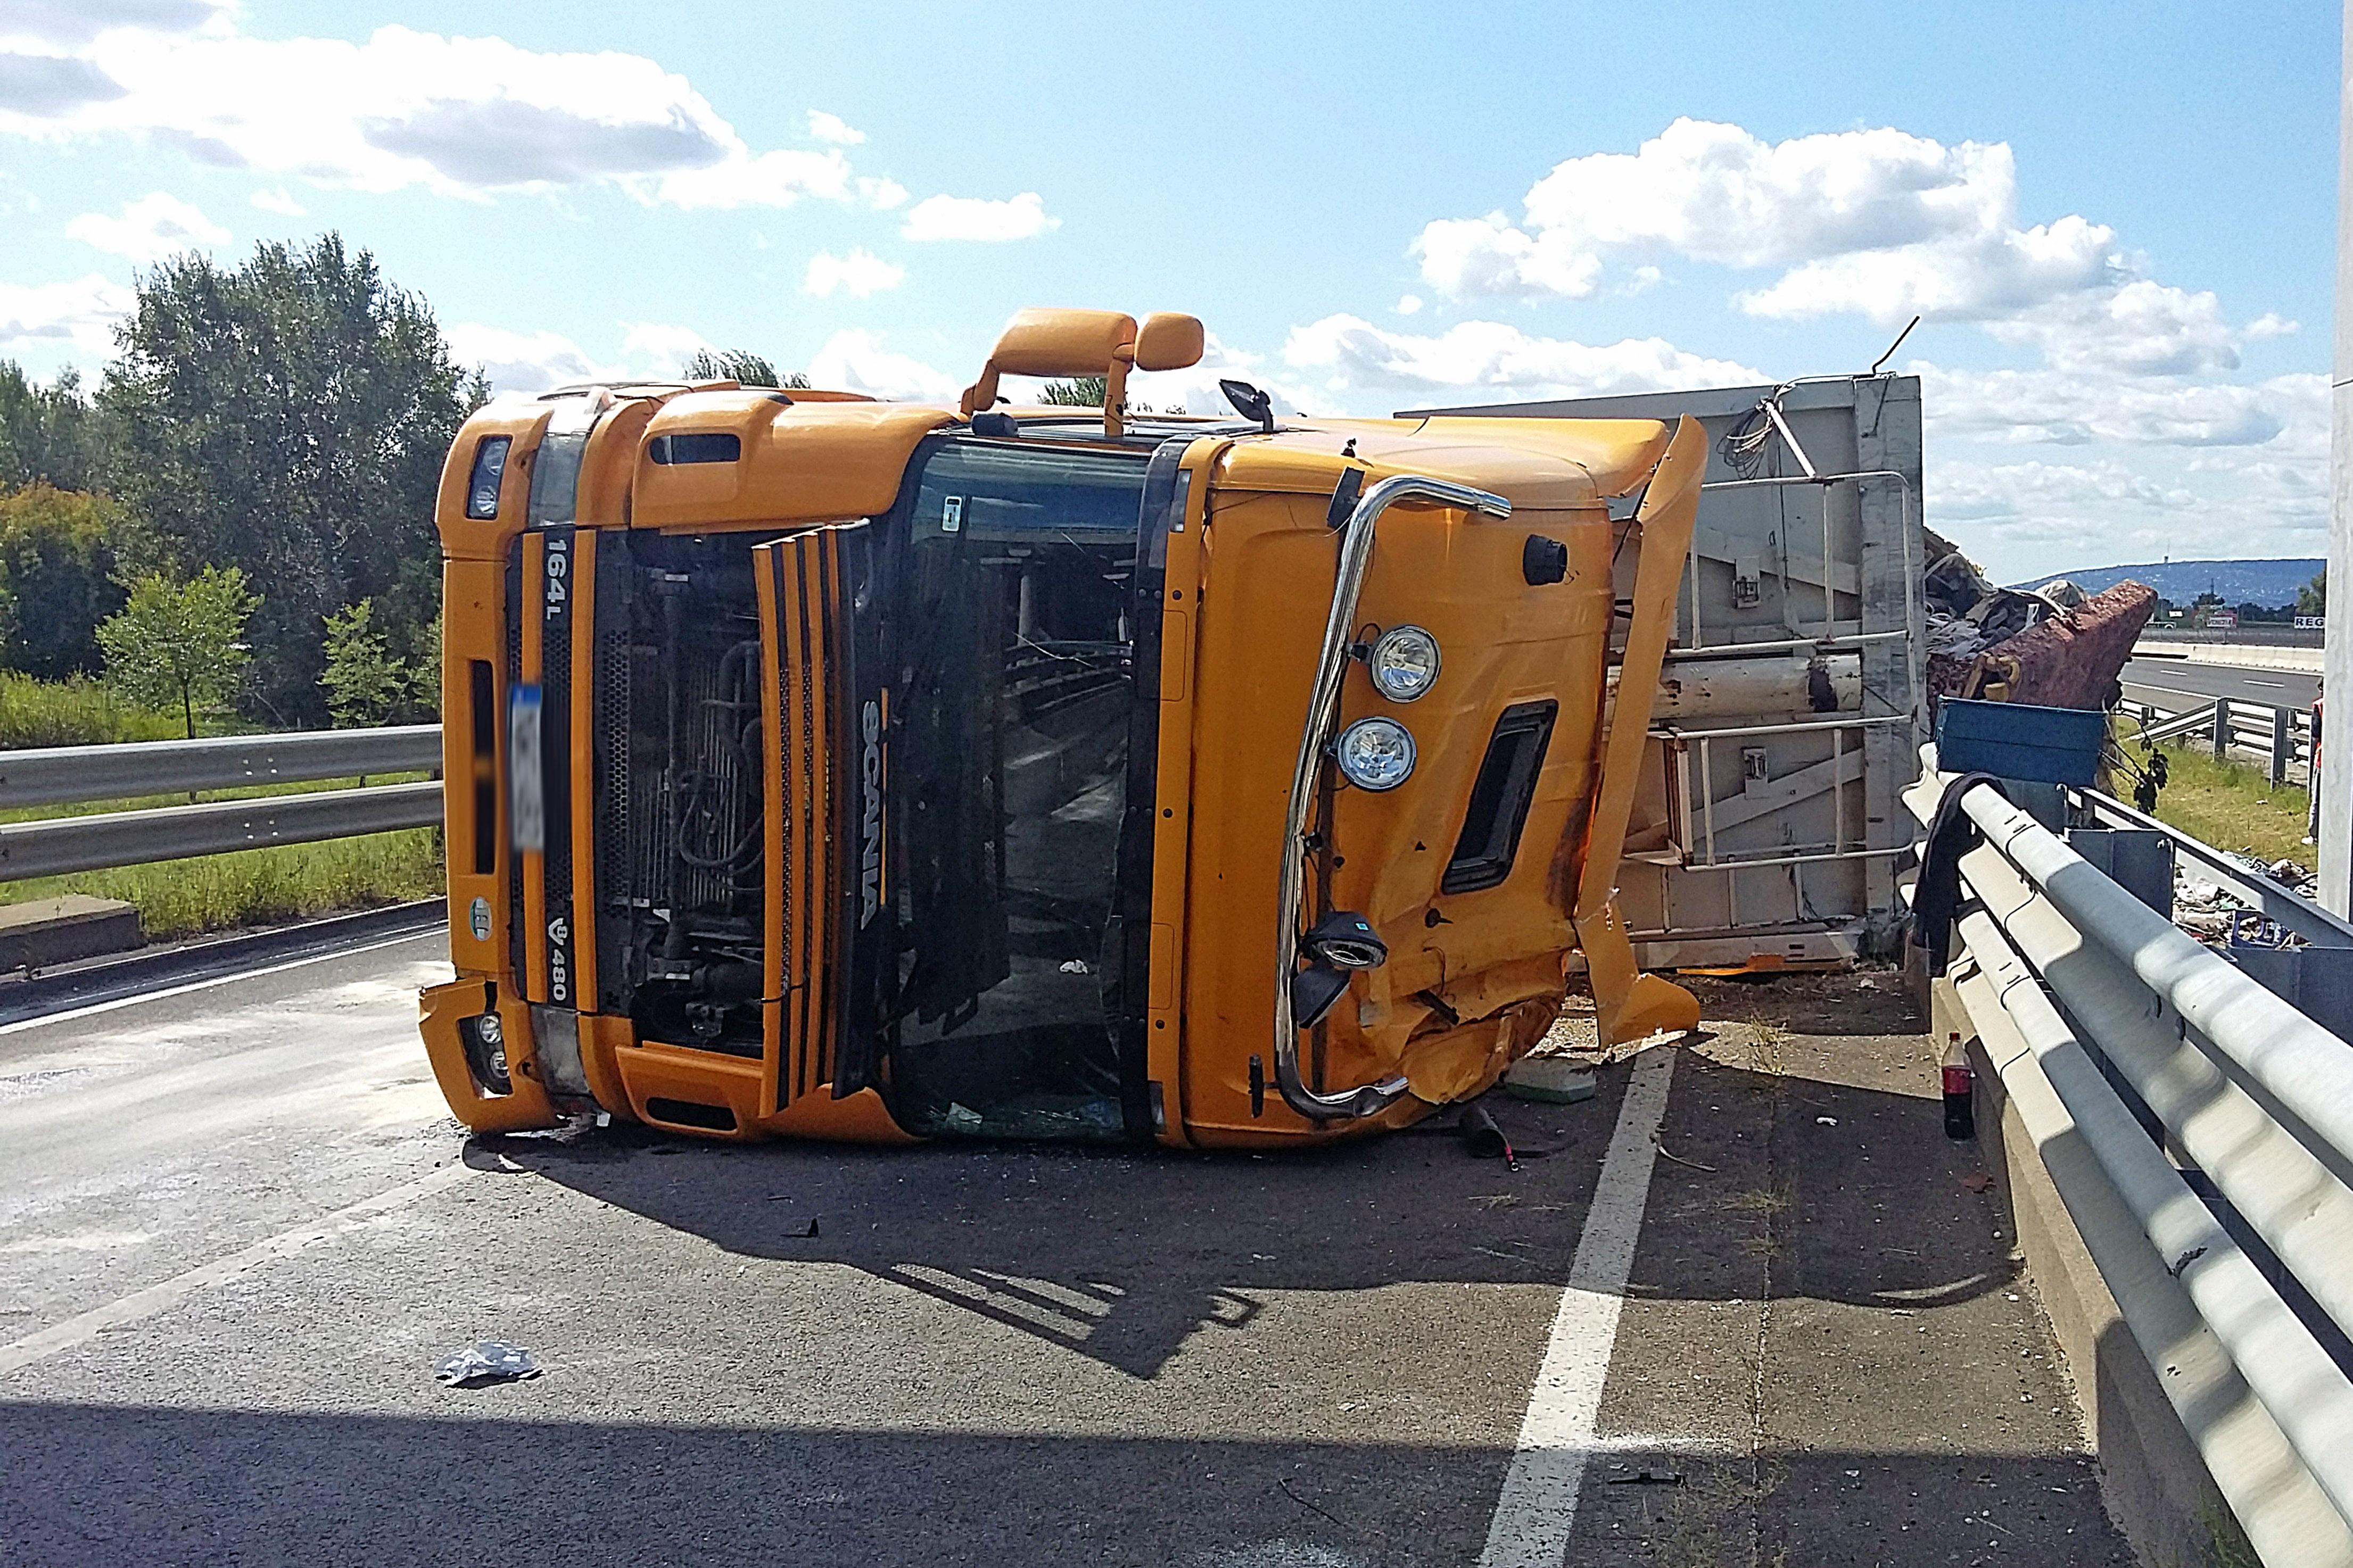 Felborult egy kamion az M3-ason, mindent beborított a szeméthalom - fotók